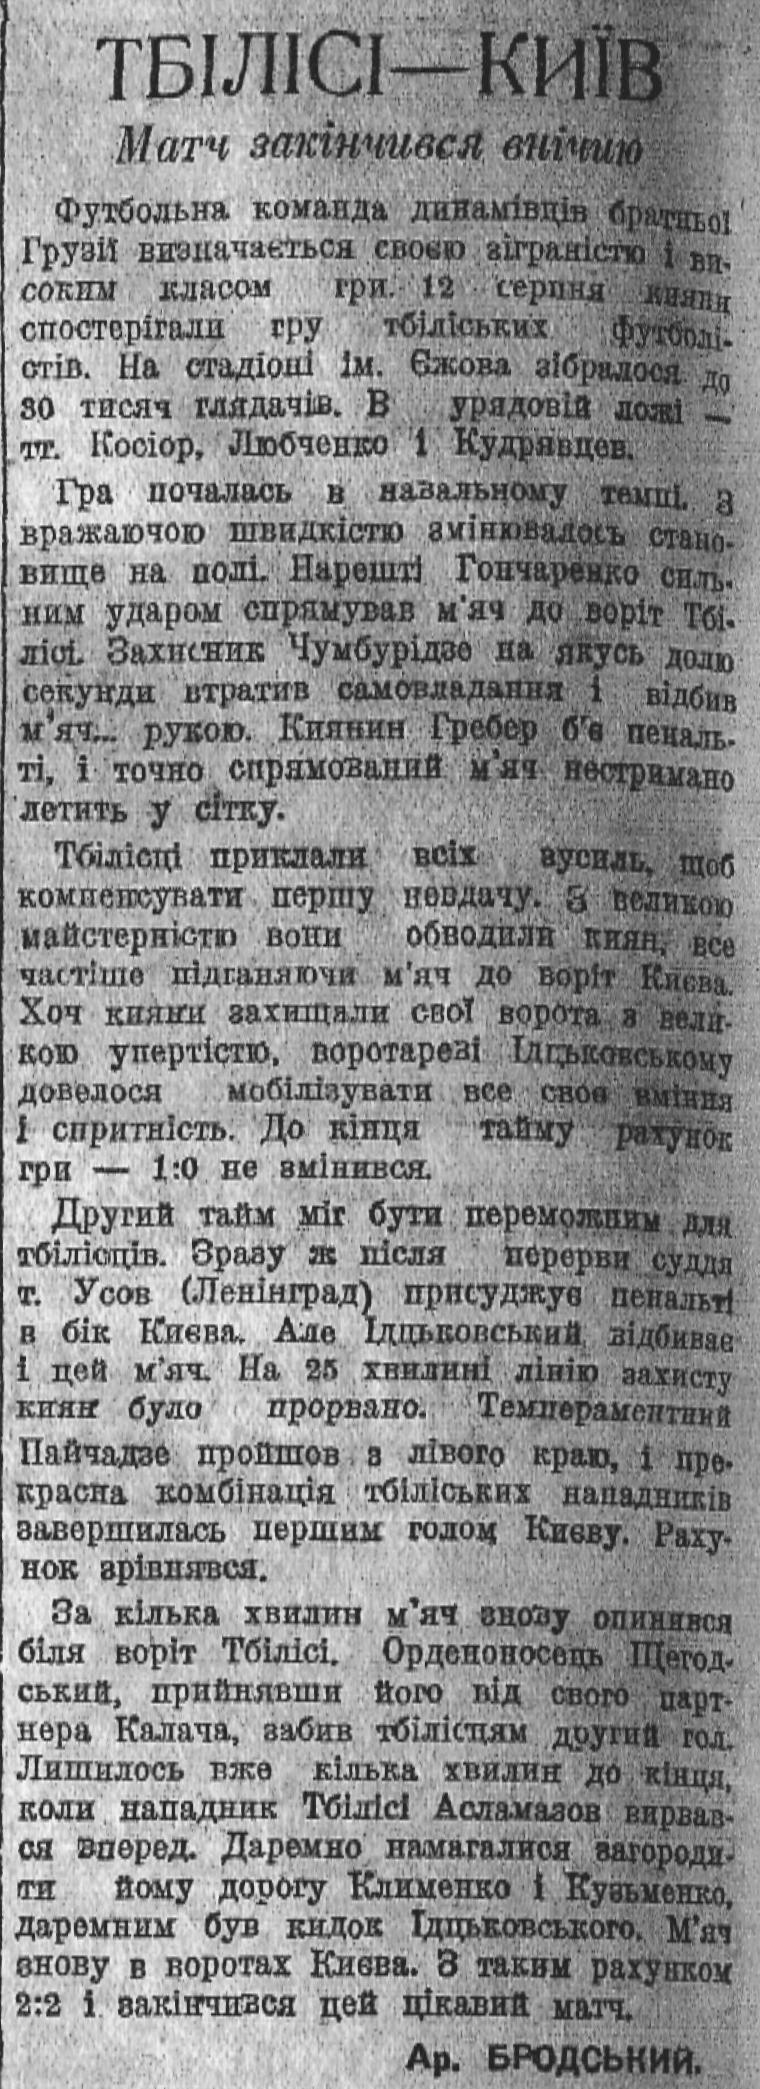 Динамо (Киев) - Динамо (Тбилиси) 2:2